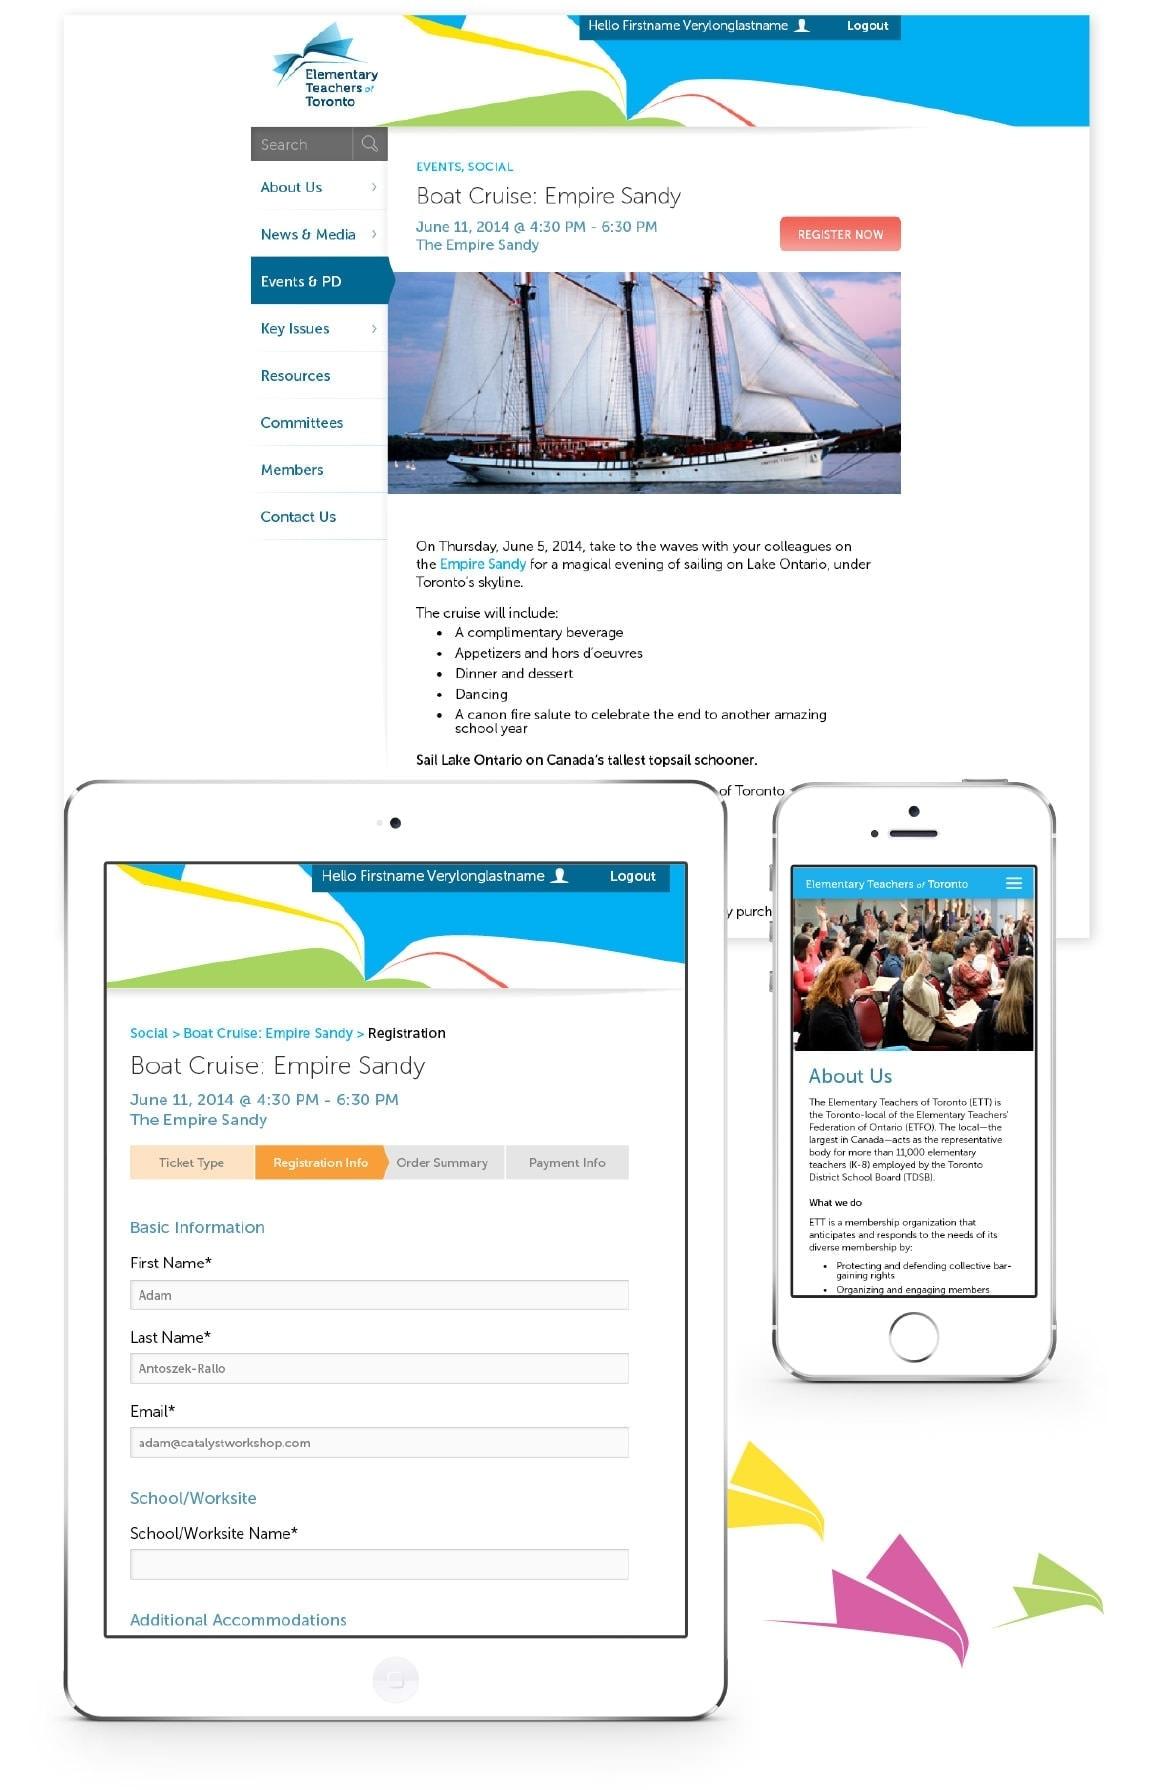 ETT mobile